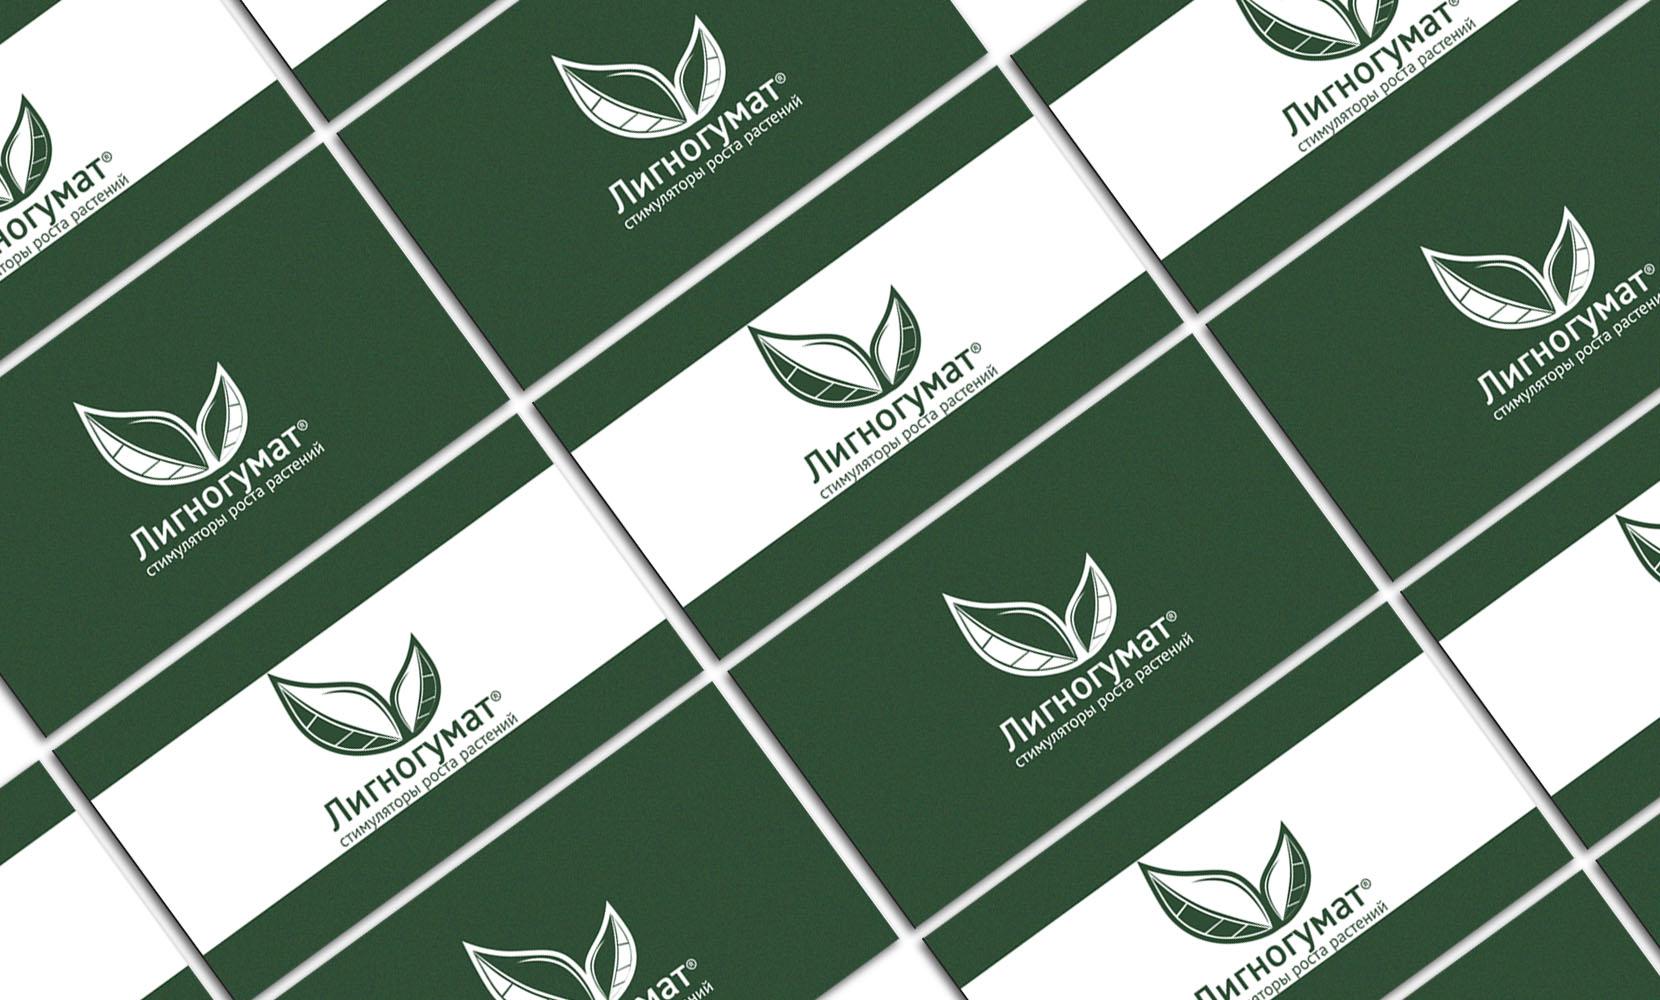 Логотип и фирменный стиль фото f_267594d19925ebce.jpg